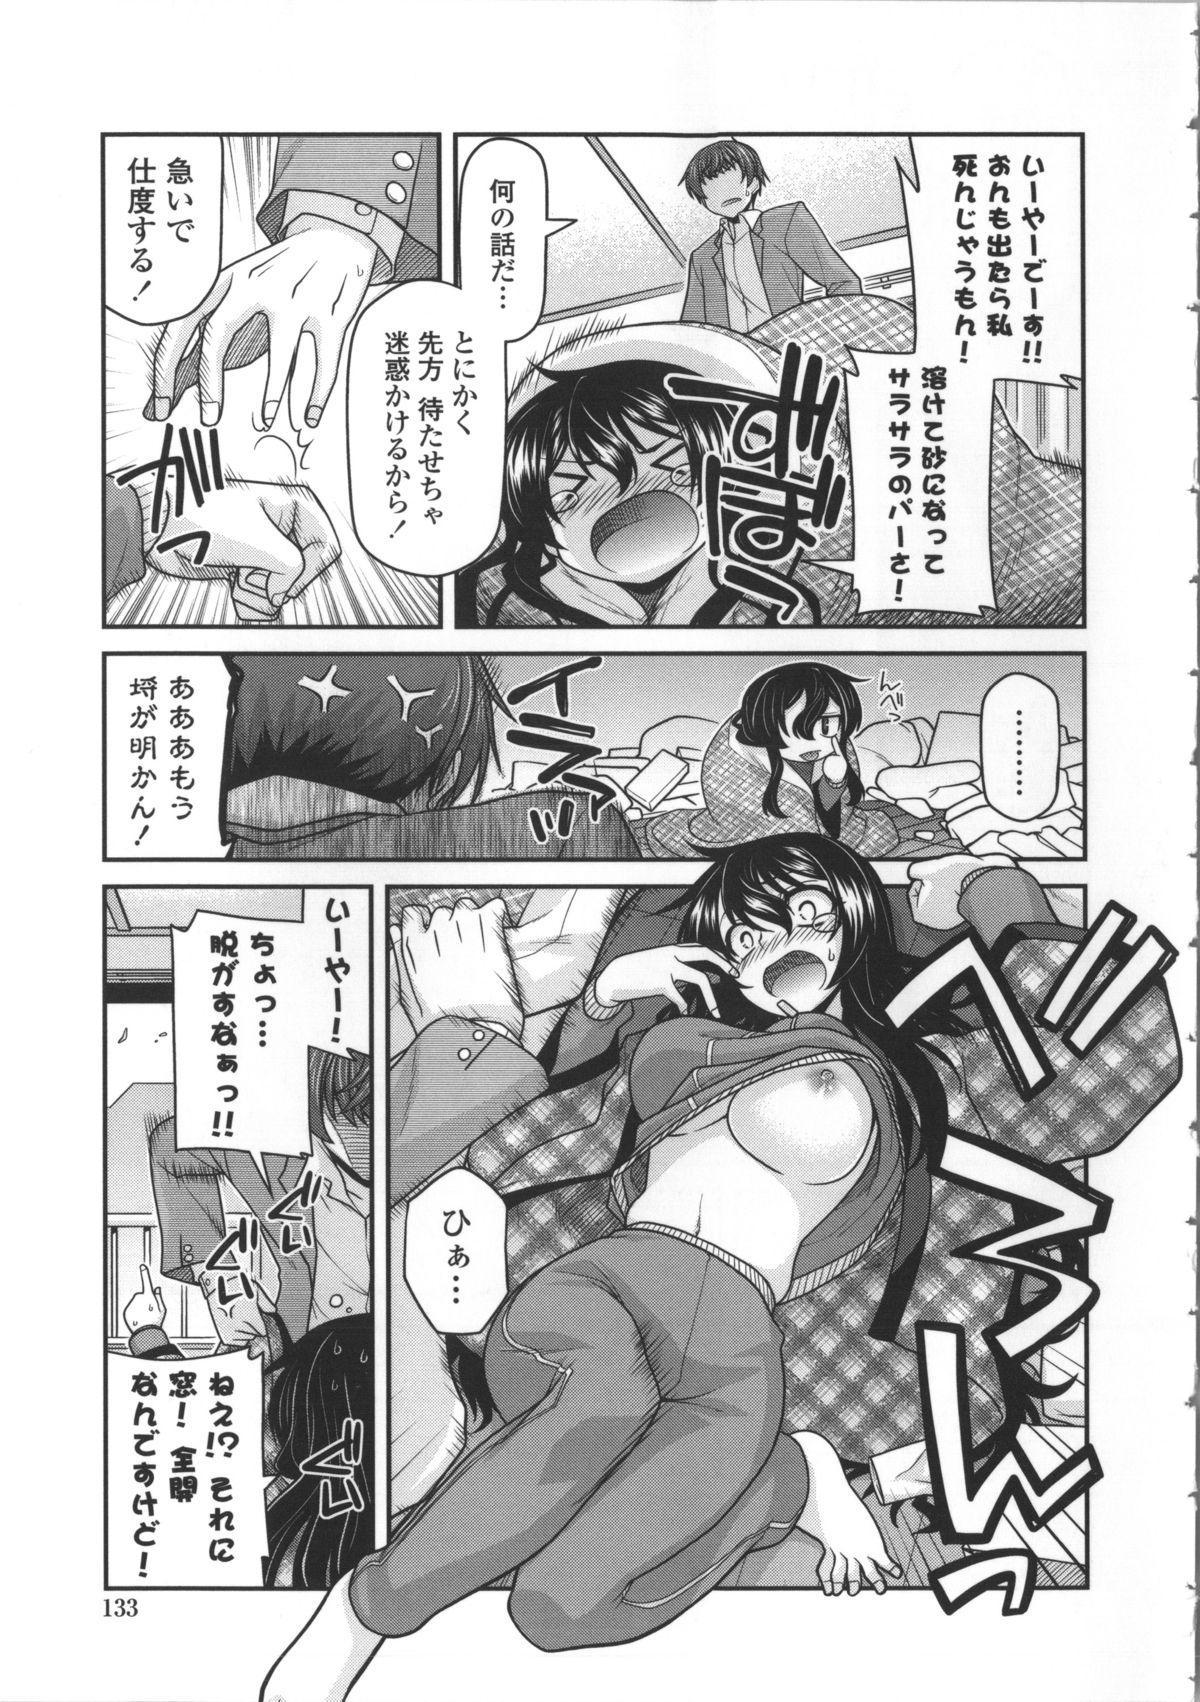 Yamato Nadeshiko Breast Changes 132